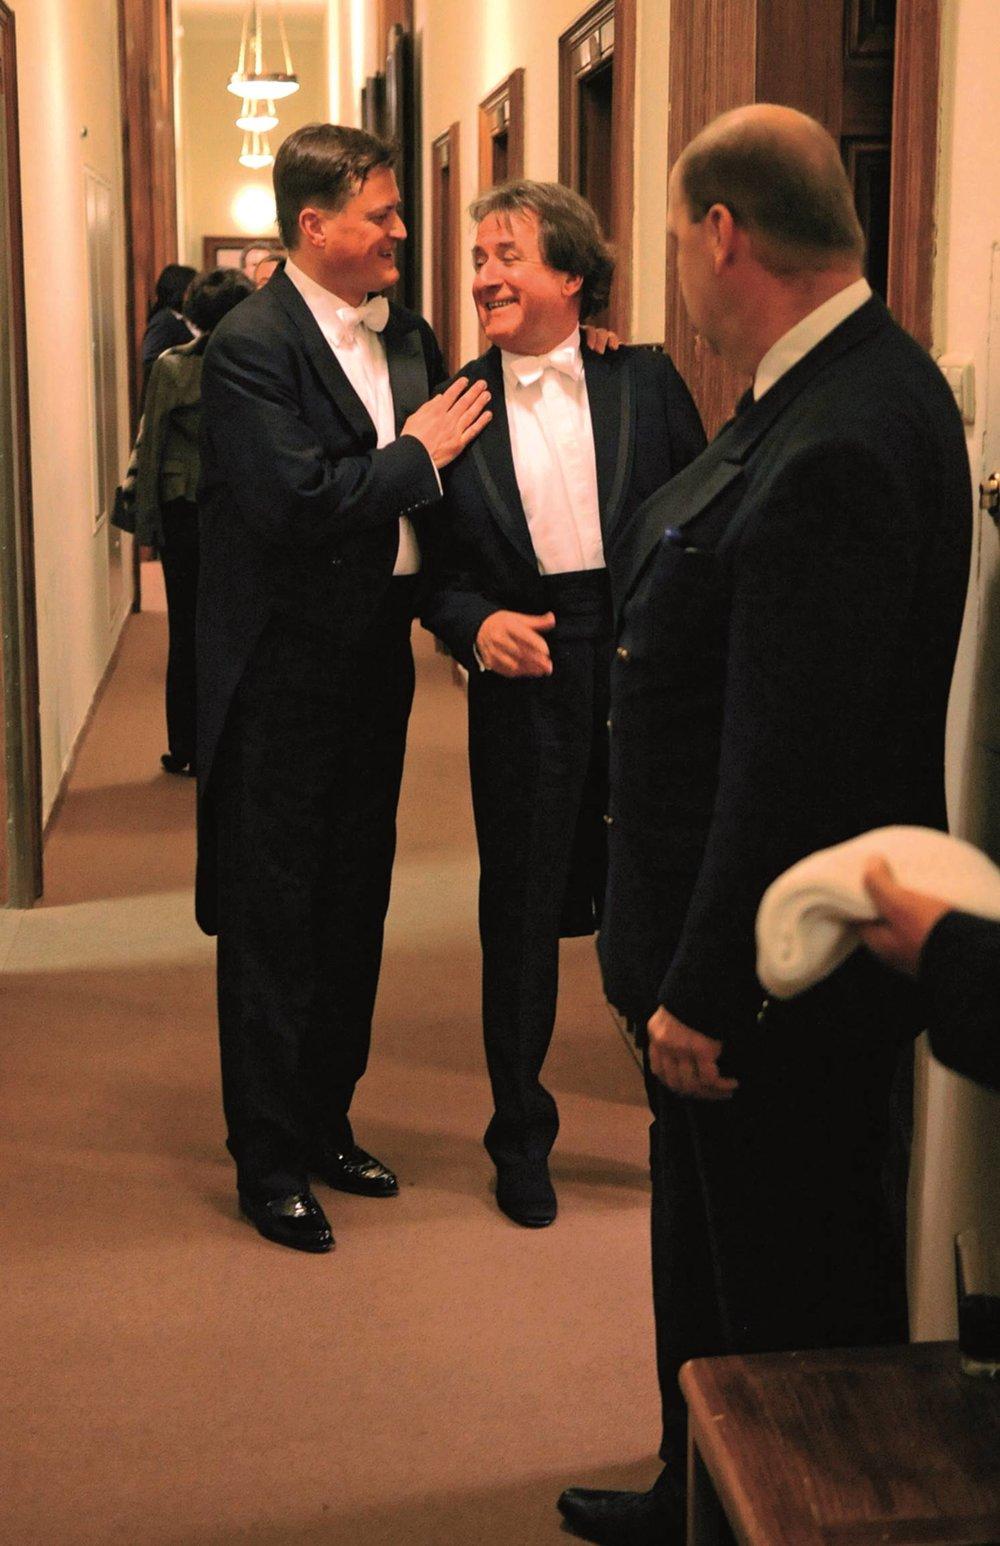 Nach einem Konzert der Staatskapelle Dresden mit Christian Thielemann im Wiener Musikverein  © Matthias Creutziger